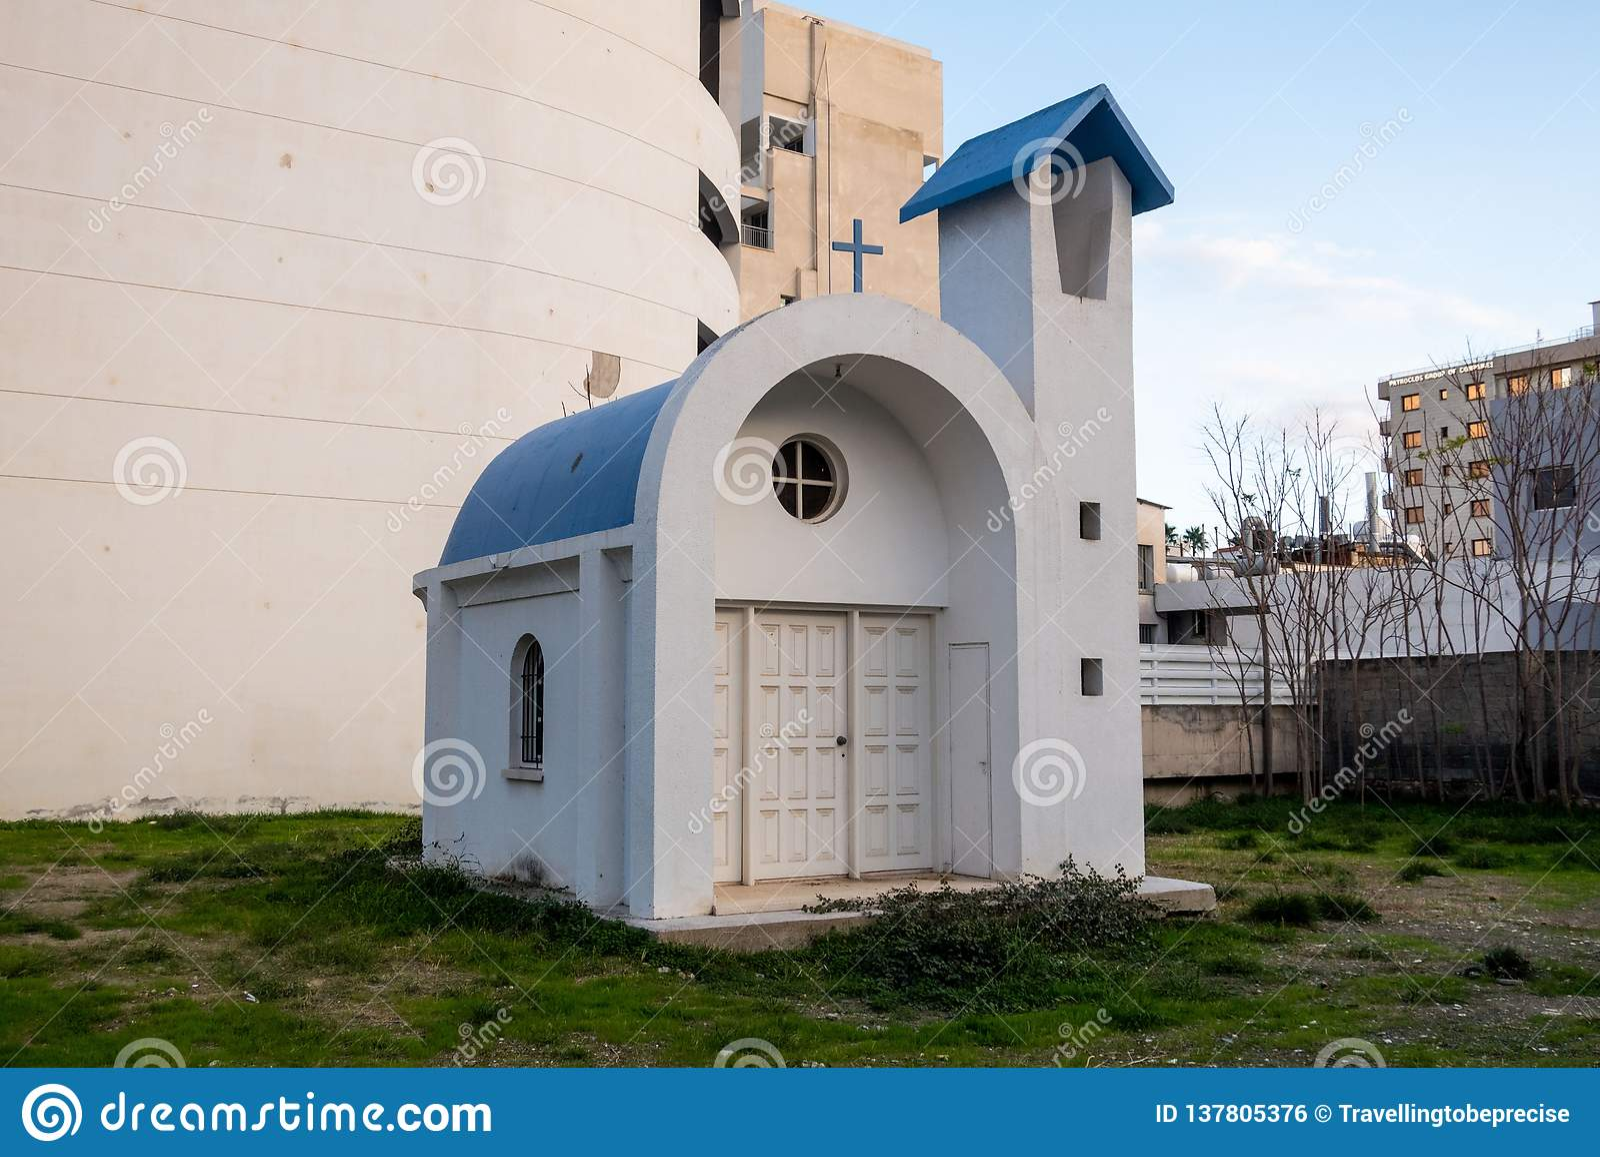 Malutki kościół, zagradzający od widoku